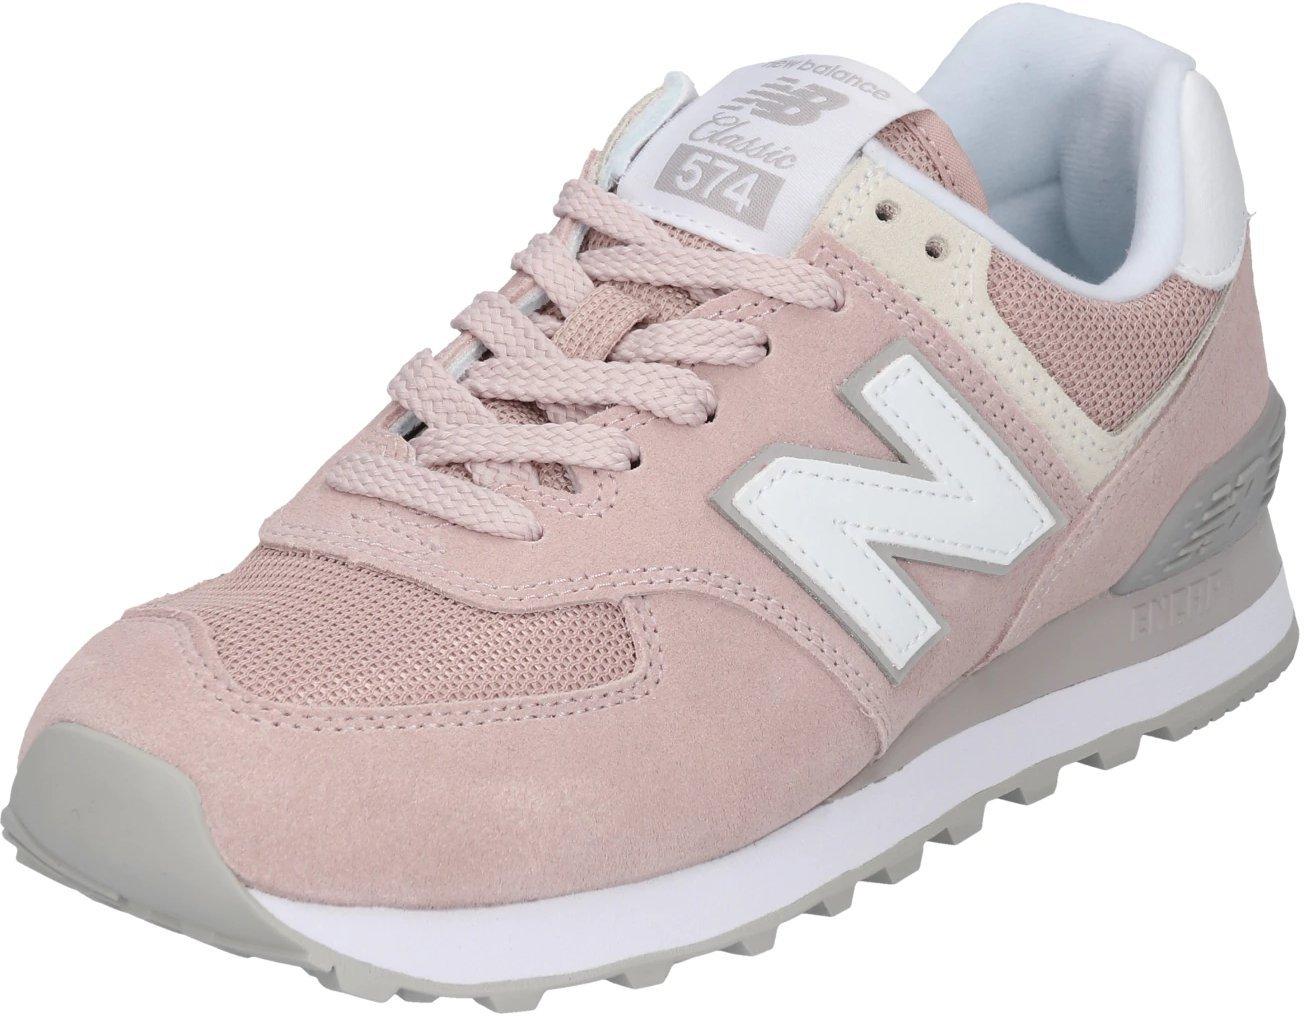 New Balance WL574 pinkwhite